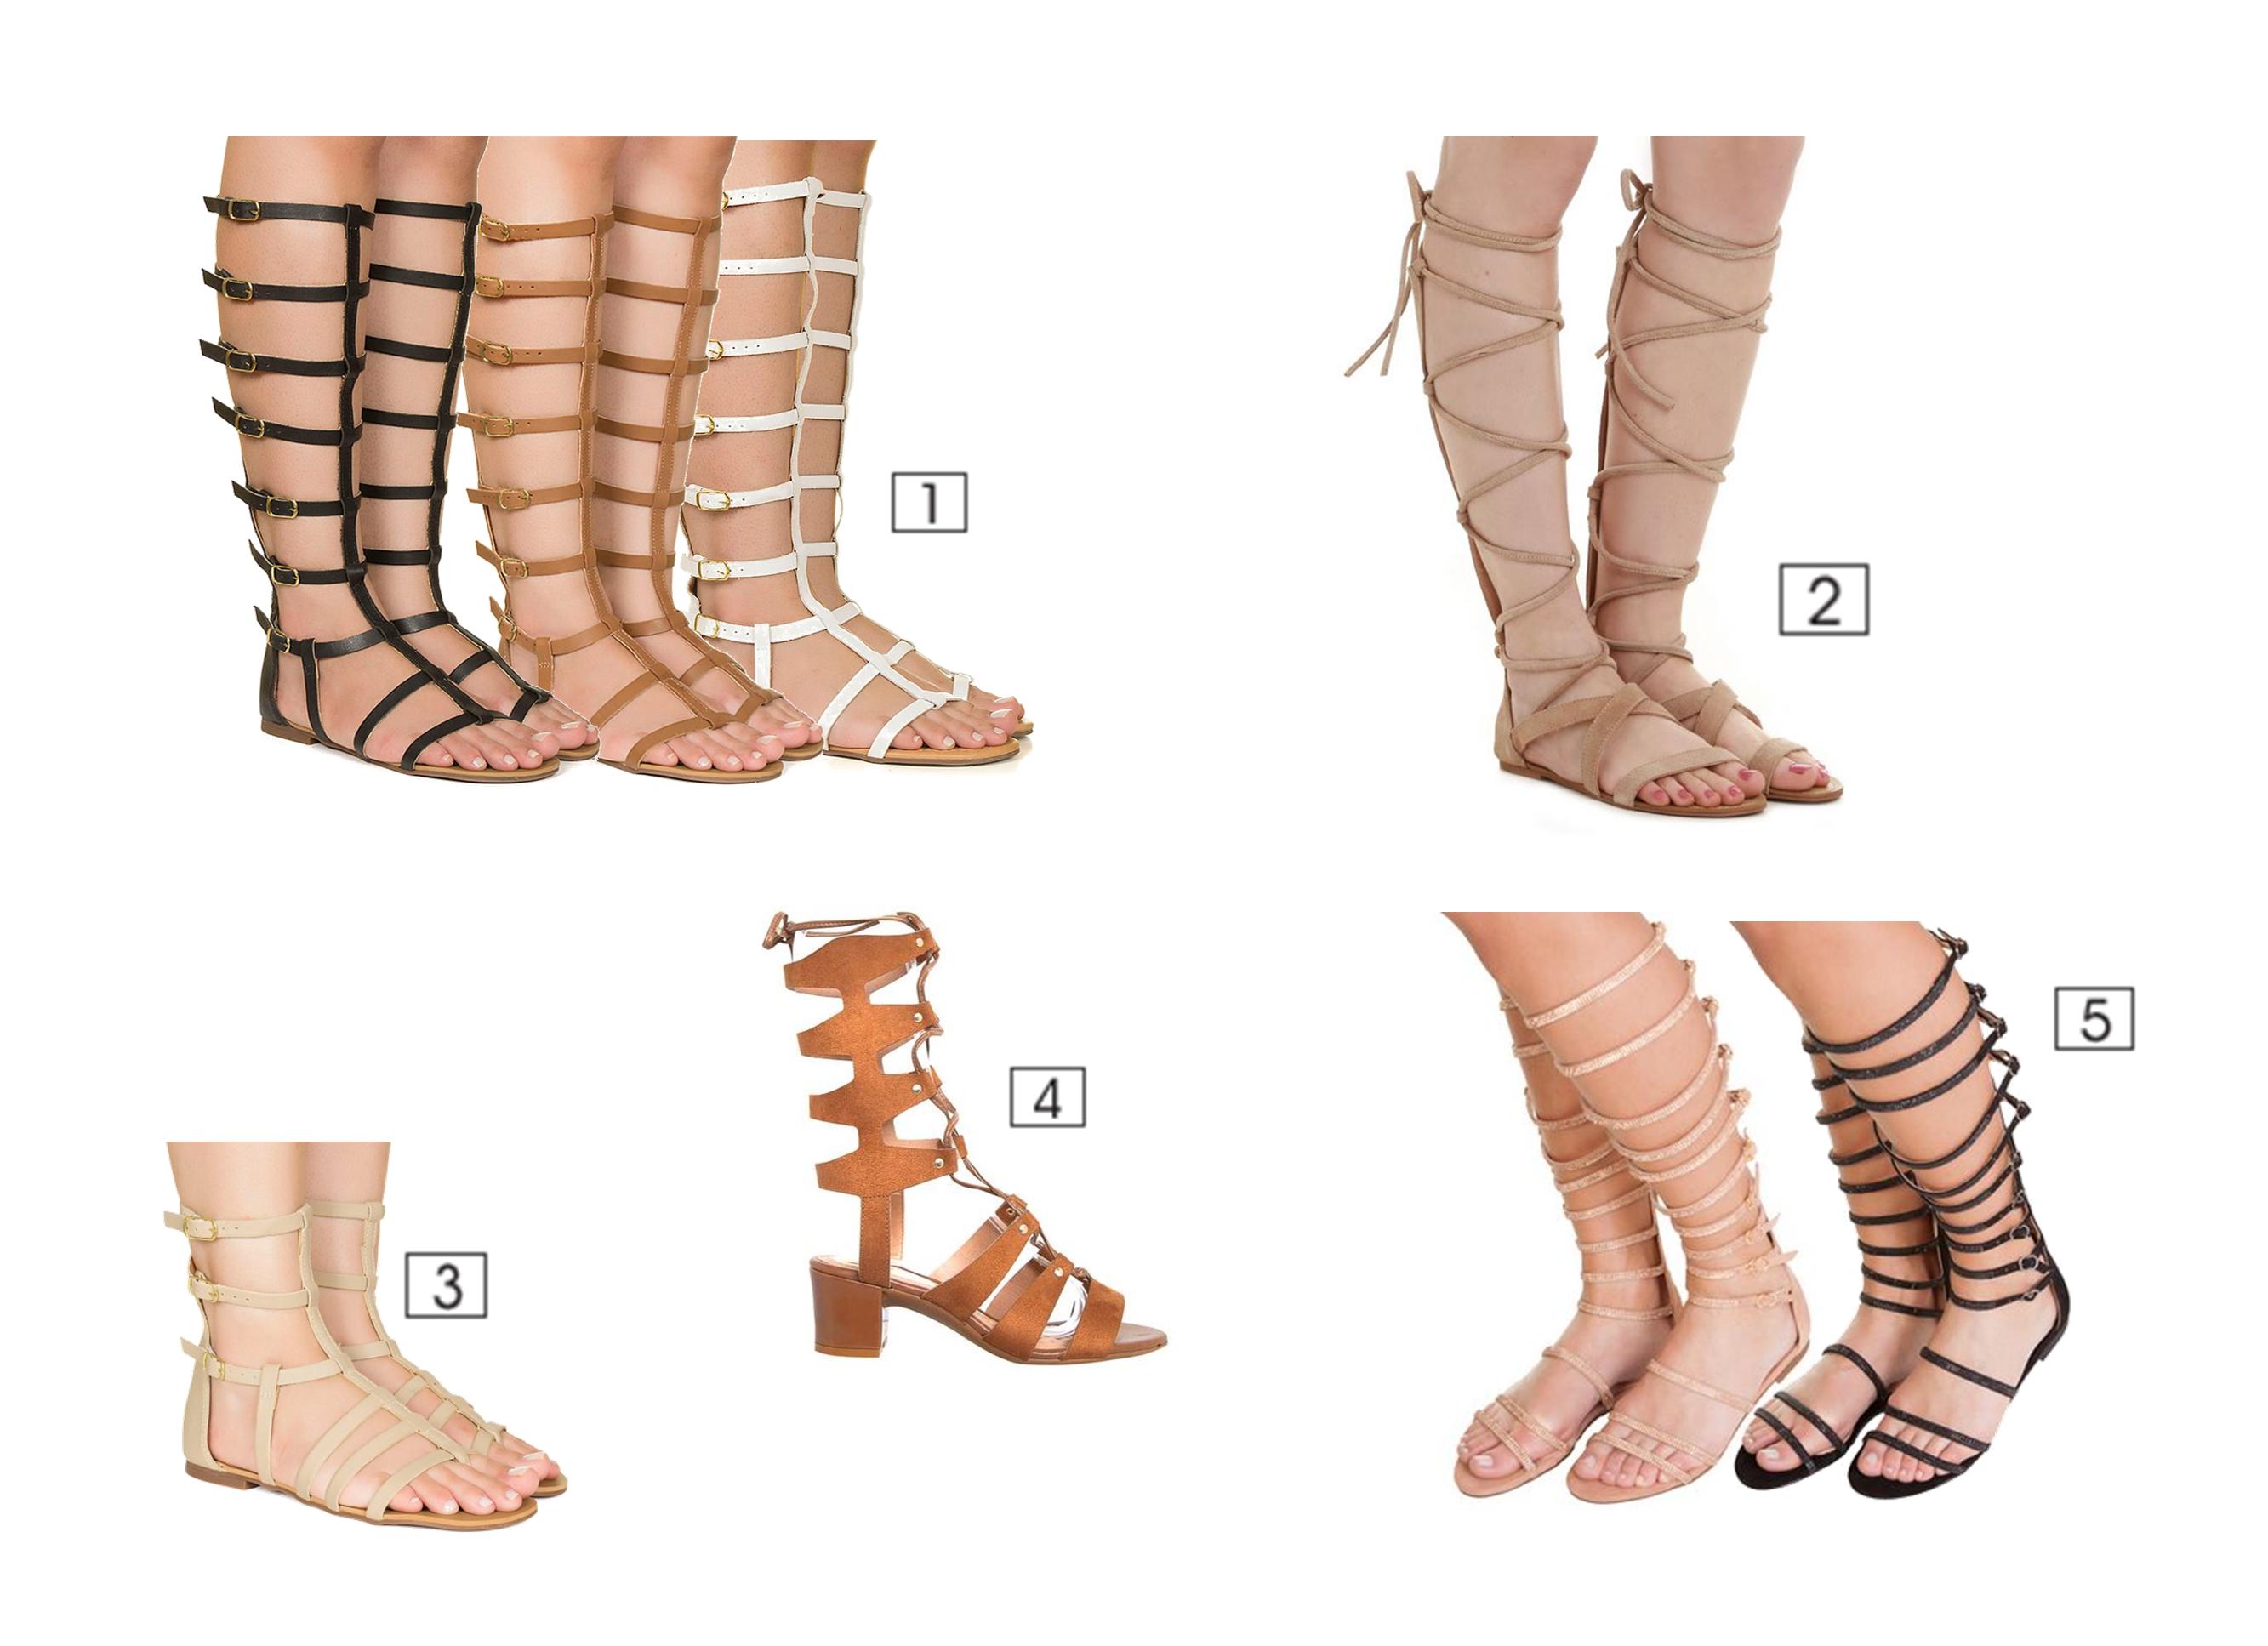 Post-tendencias-como-usar-gladiadoras-blog-vanduarte-6